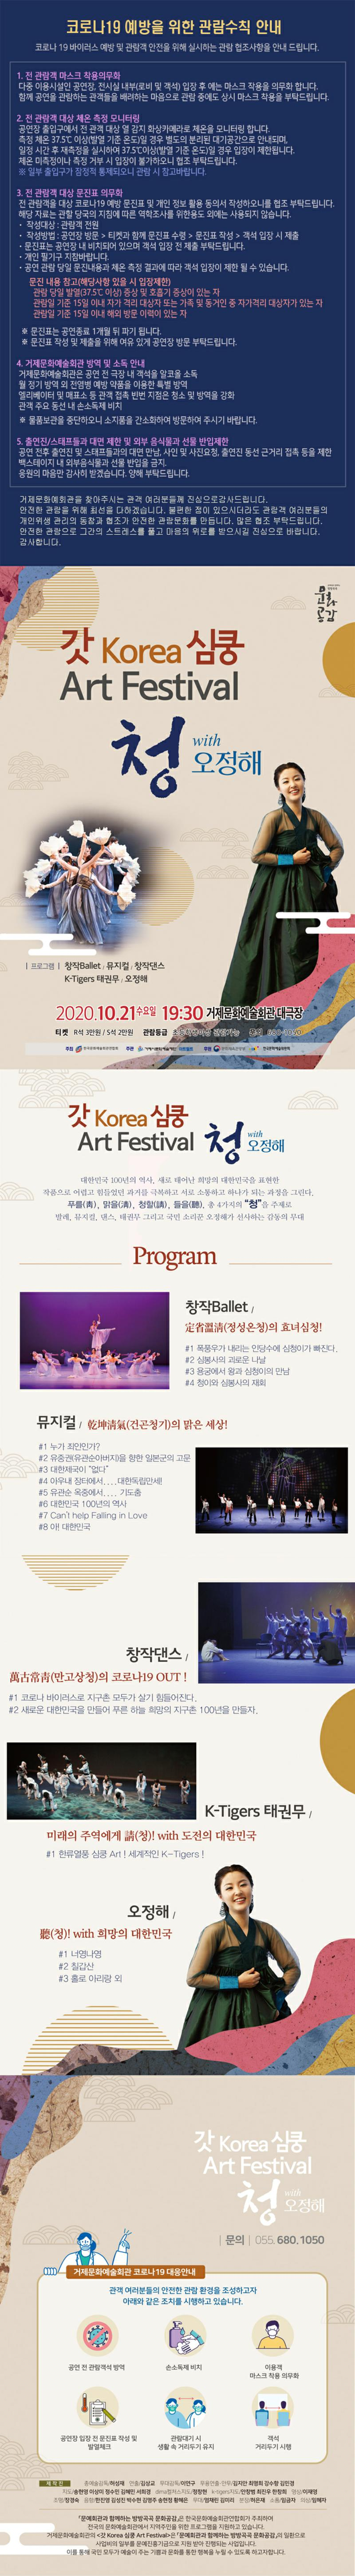 갓 Korea 심쿵 Art Festival 상세보기